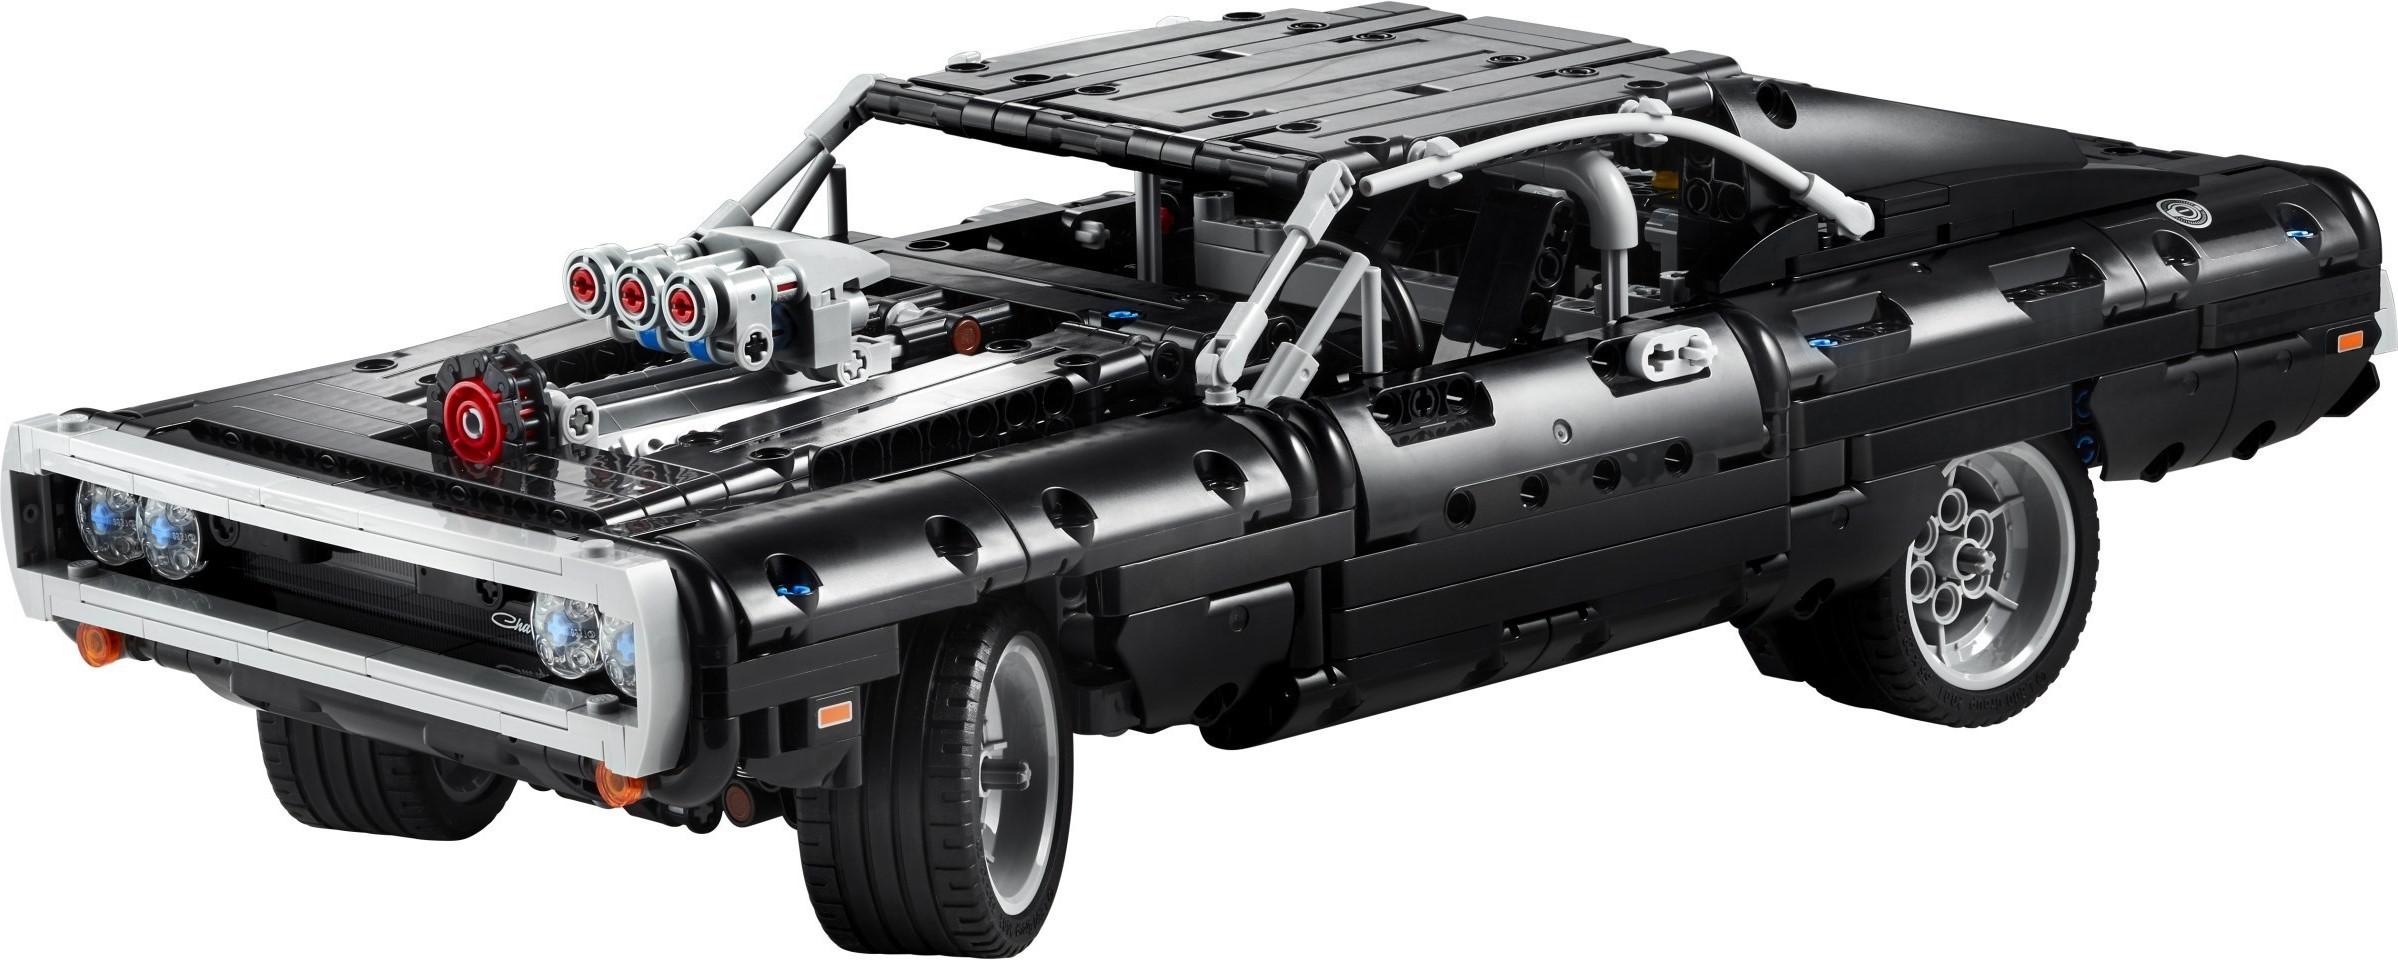 LEGO set 42111 Dom's Dodge Charger - Brickset